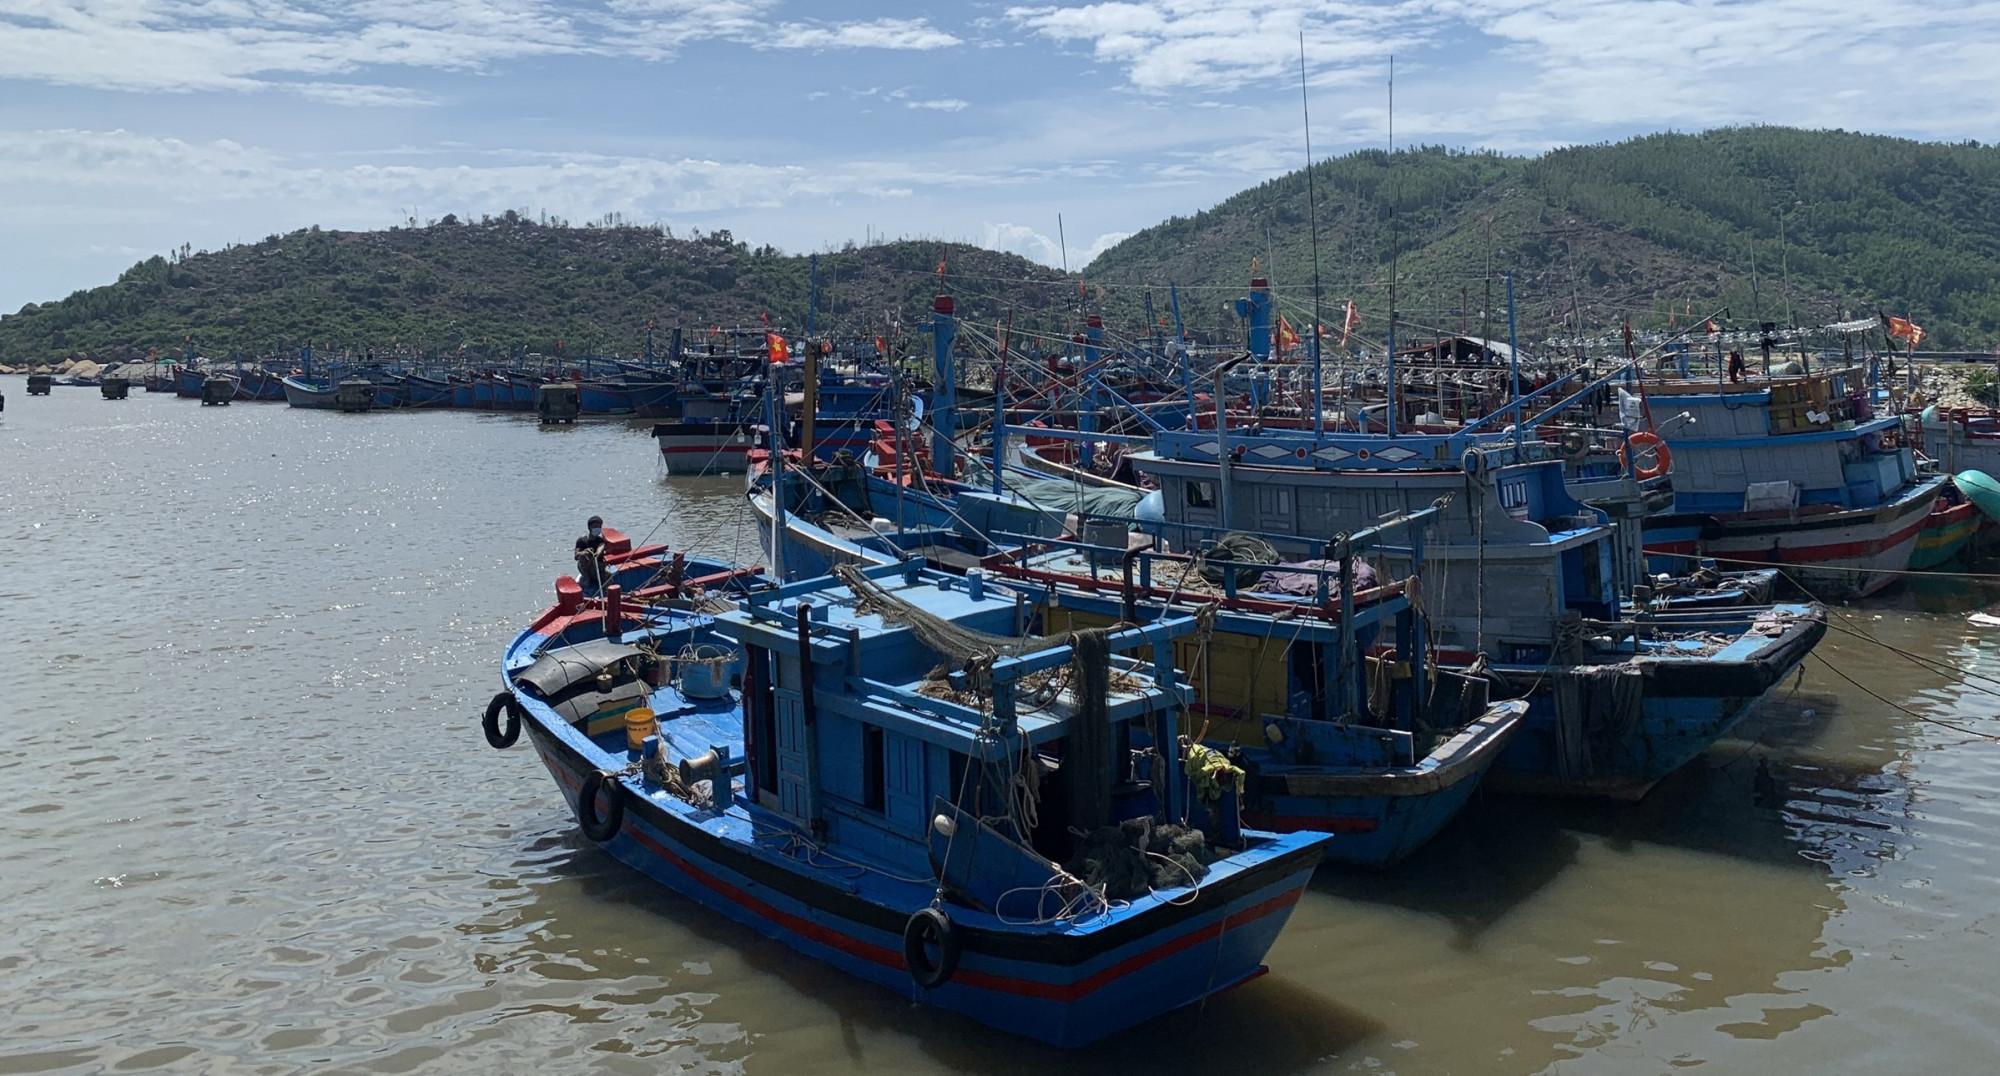 tạm dừng hoạt động tất cả cảng cá, bến cá ở Quảng Ngãi cho đến khi có thông báo mới